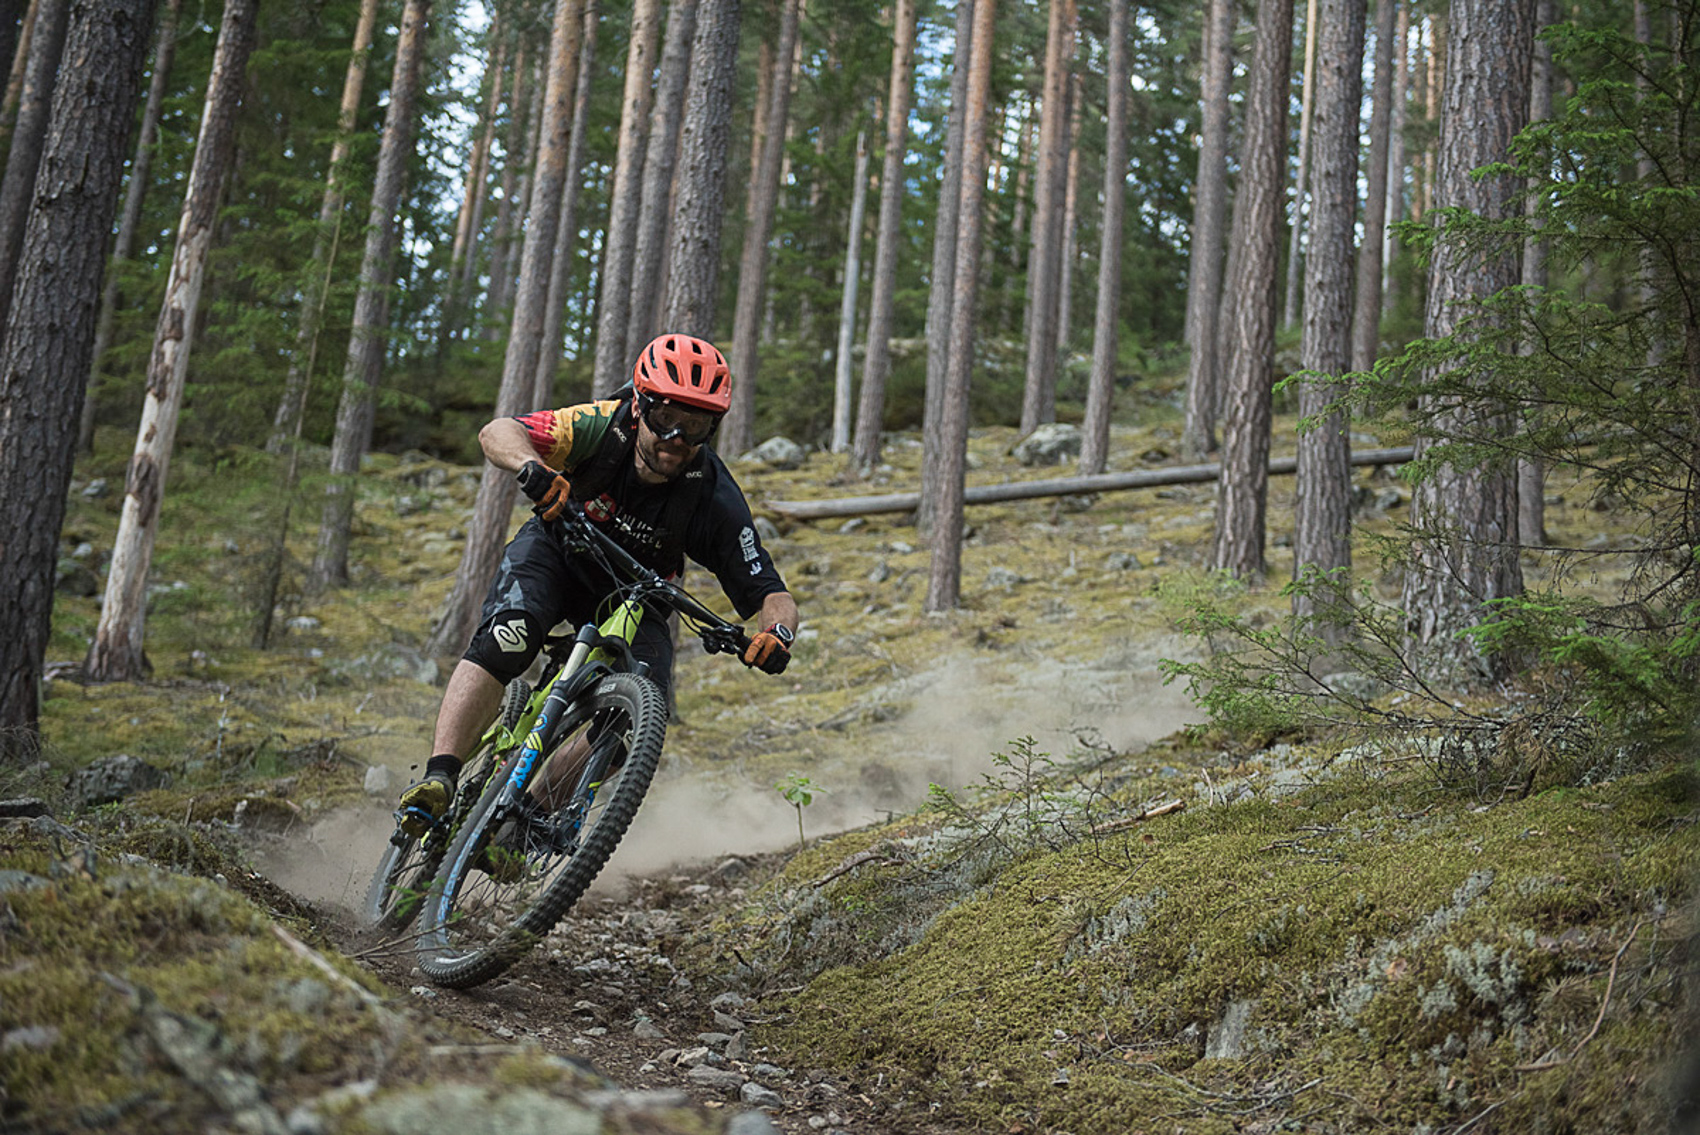 Landets råeste sykkeldestinasjon?